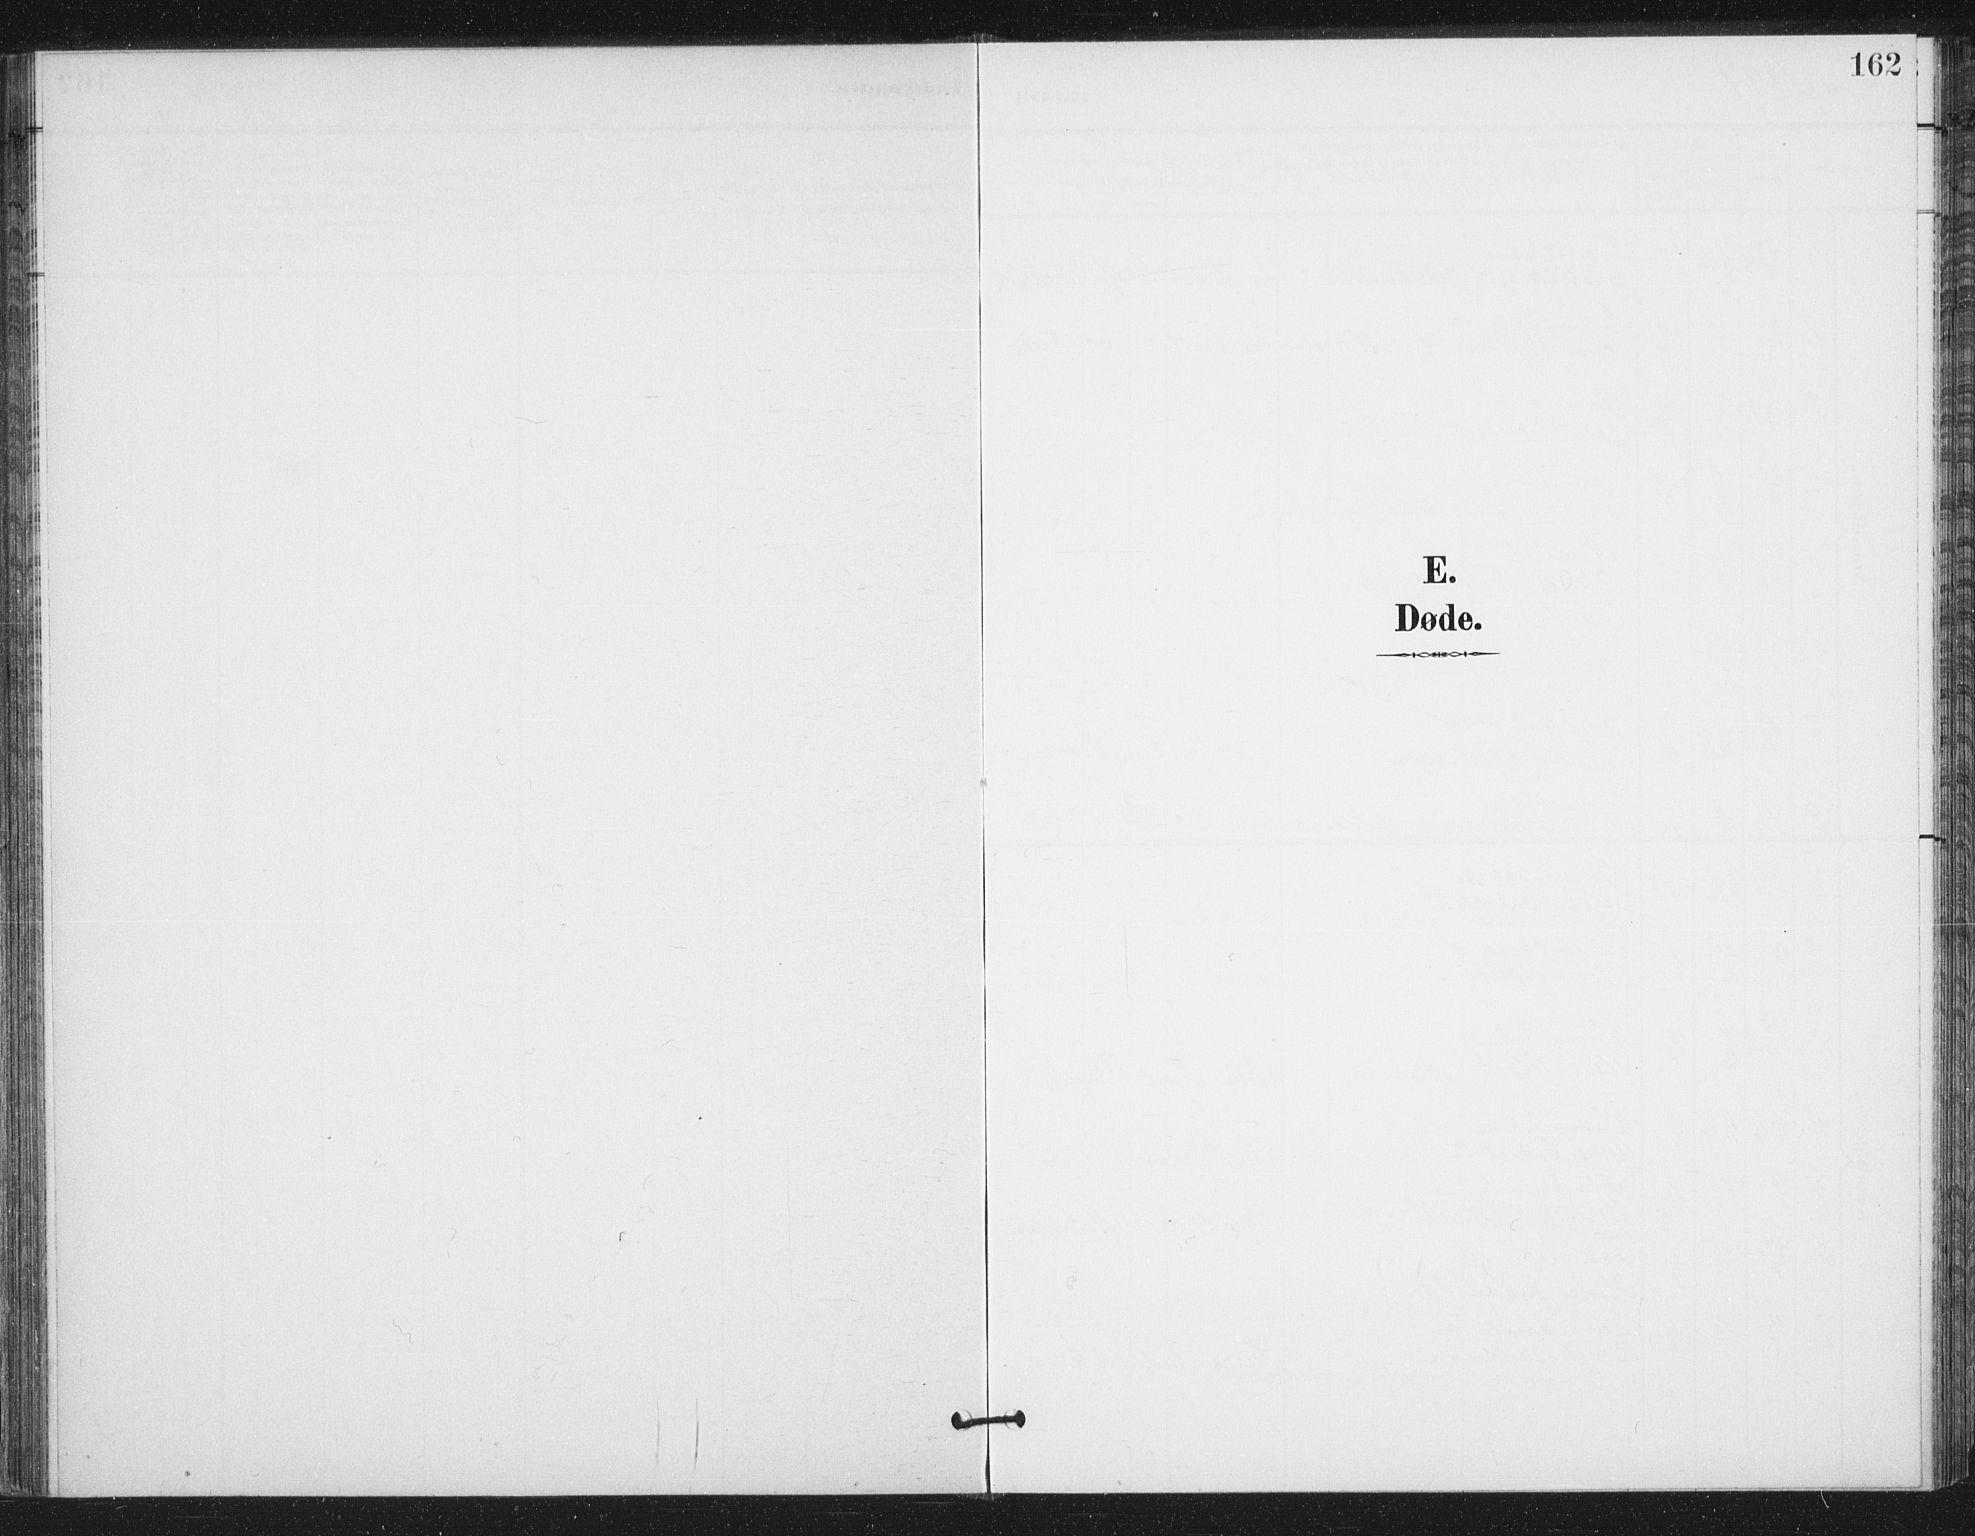 SAT, Ministerialprotokoller, klokkerbøker og fødselsregistre - Sør-Trøndelag, 658/L0723: Ministerialbok nr. 658A02, 1897-1912, s. 162